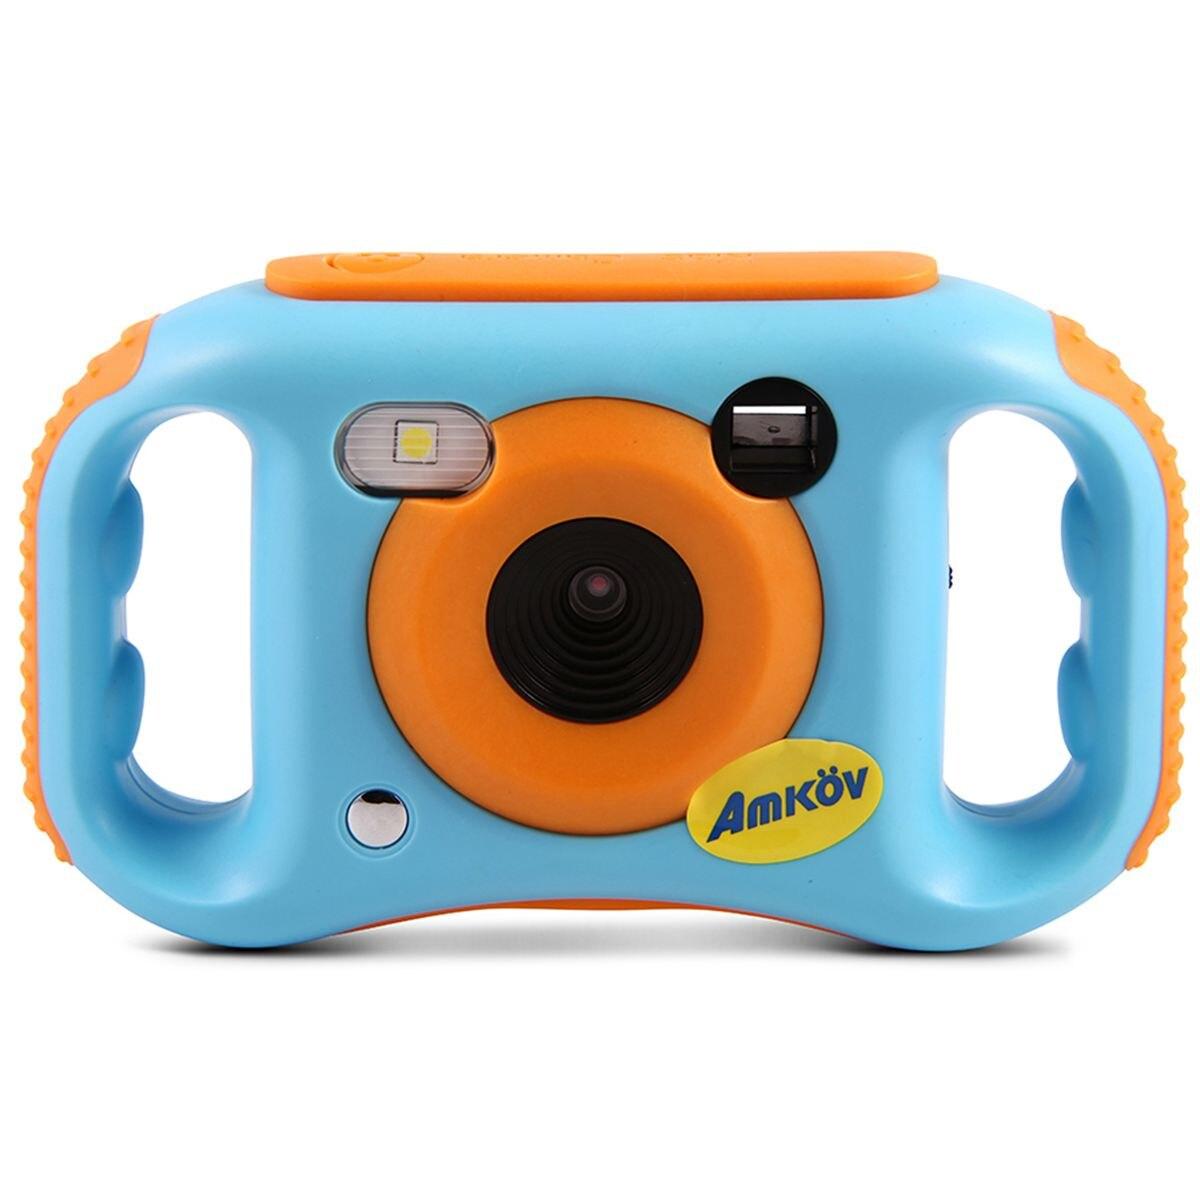 Amkov Enfants Numérique caméra vidéo WiFi Connexion 5 Mégapixels Cadeau pour Enfants Garçons Filles